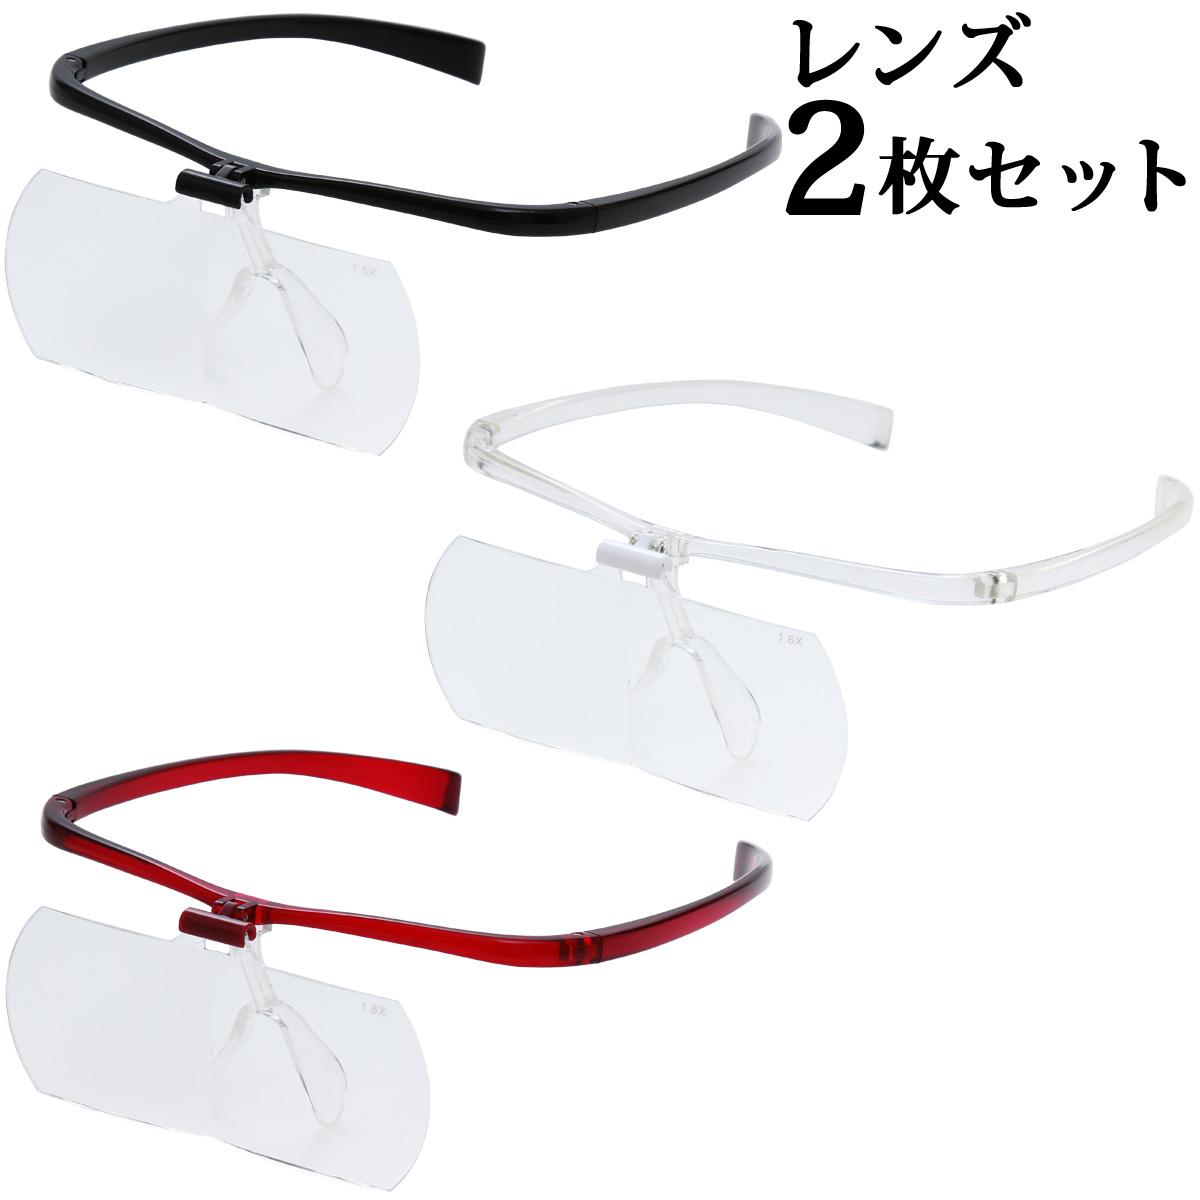 双眼メガネルーペ メガネタイプ 1.6倍 2倍 レンズ2枚セット HF-60DE 跳ね上げ メガネの上から クリアルーペ 手芸 拡大鏡 読書 模型 まつげエクステ 池田レンズ